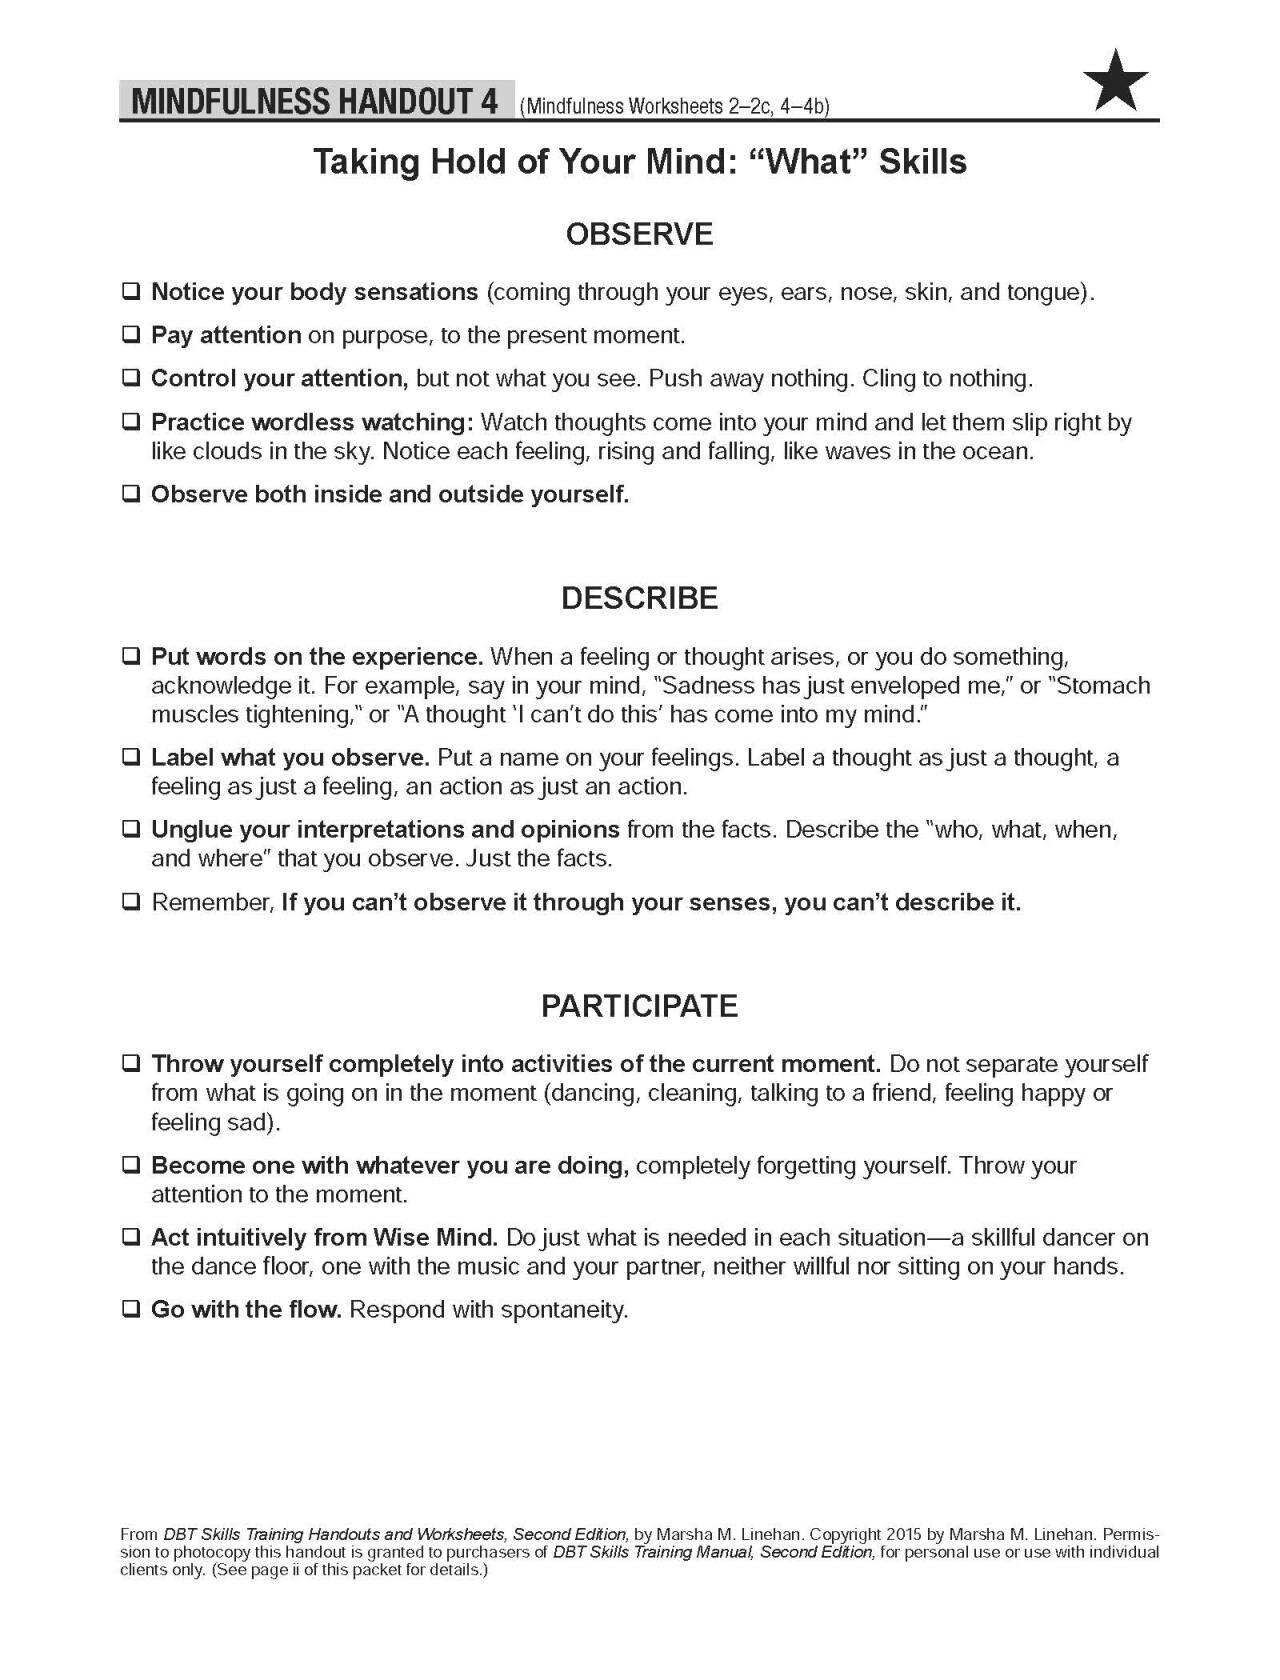 4 Best Dbt Mindfulness Worksheets Images On Best